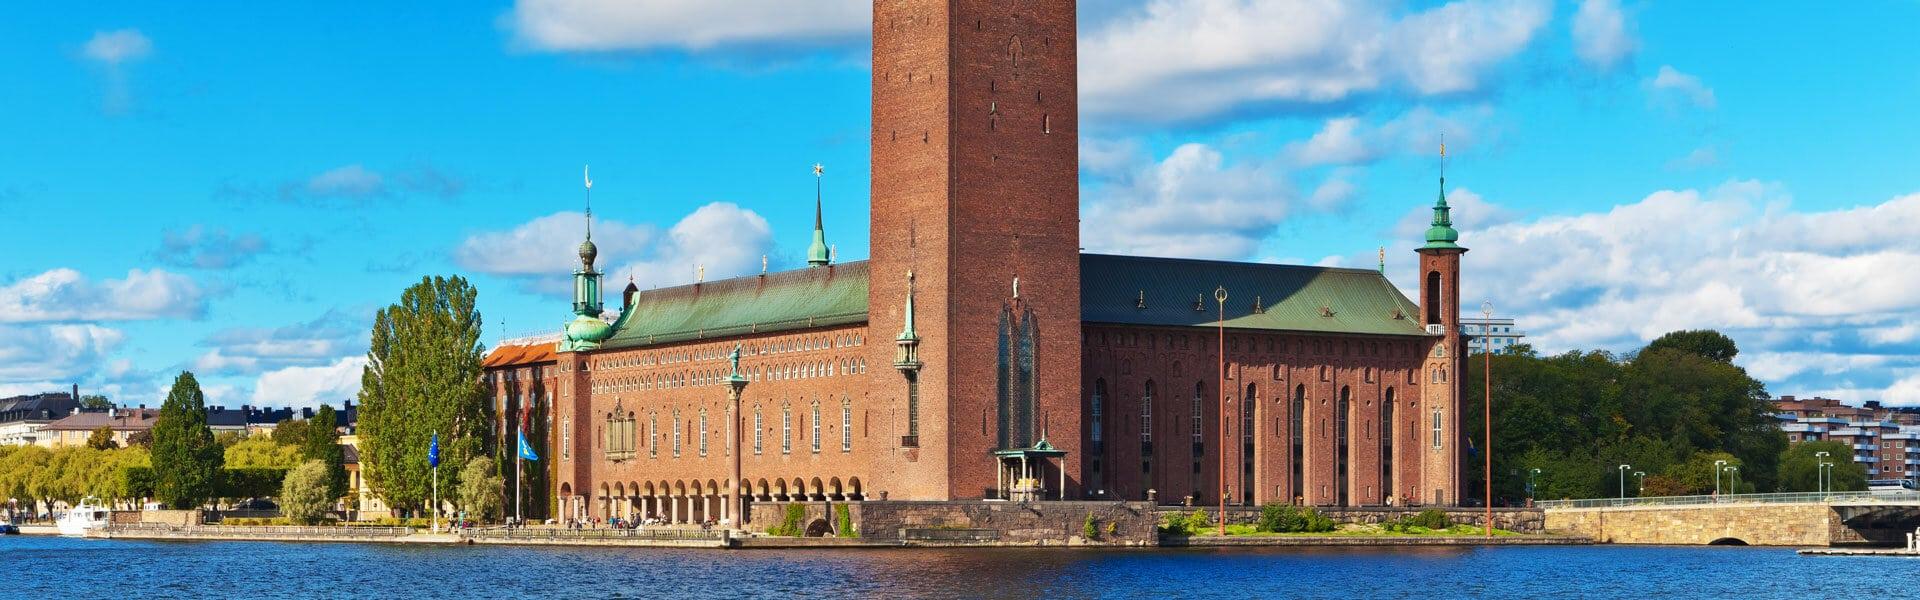 Rathaus und Wahrzeichen der Hauptstadt Schwedens - Das Stockholmer Rathaus in Gamla Stan mit b-ceed Incentive Reisen entdecken